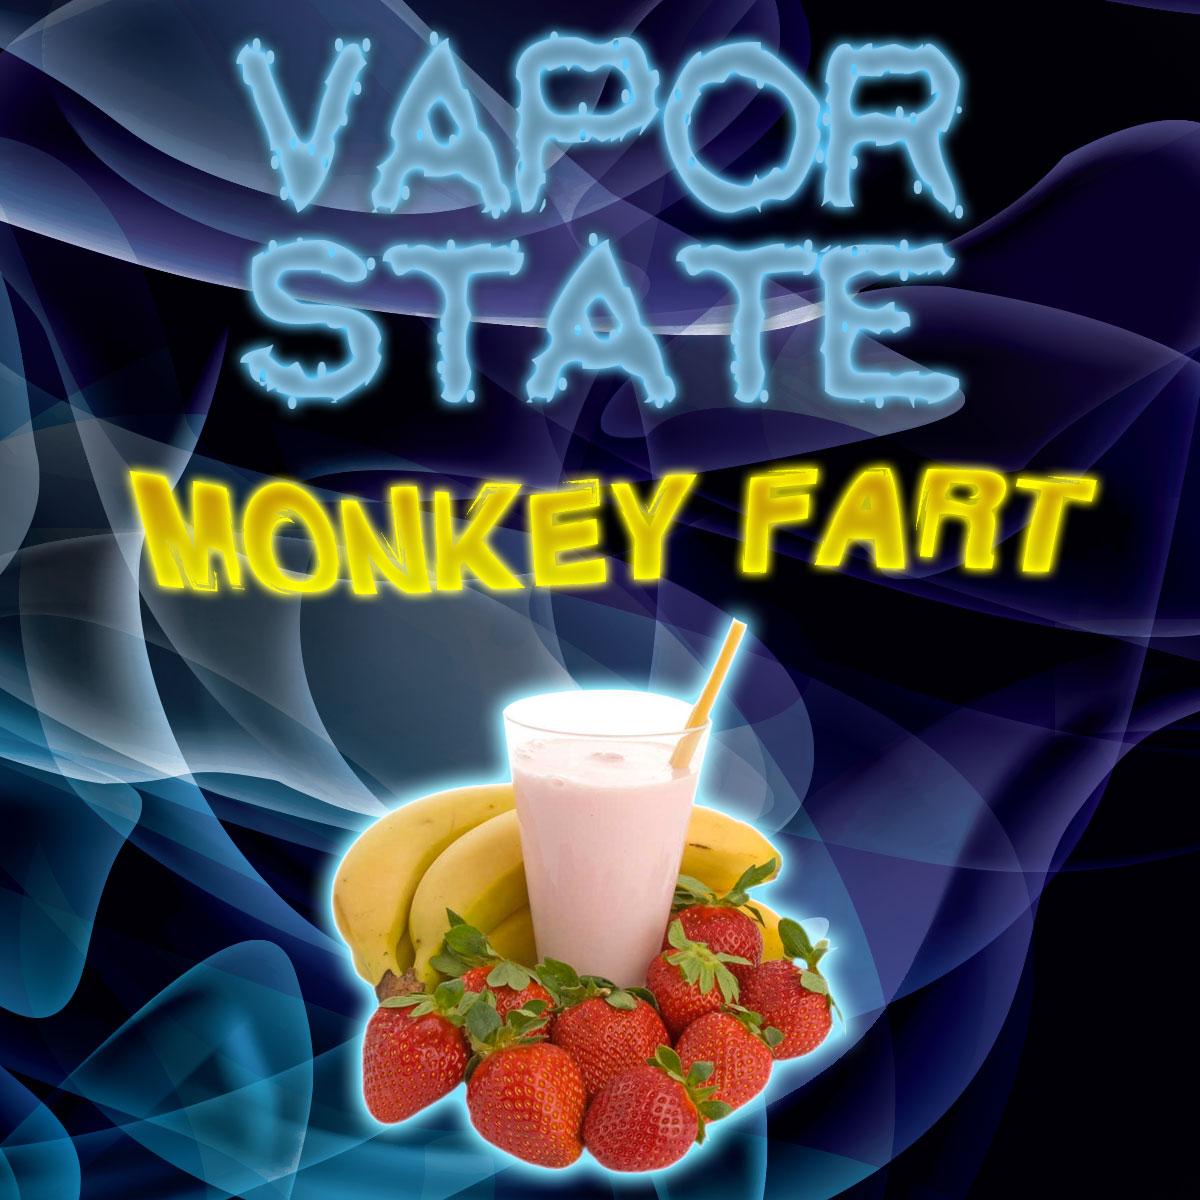 Monkey-Fart.jpg